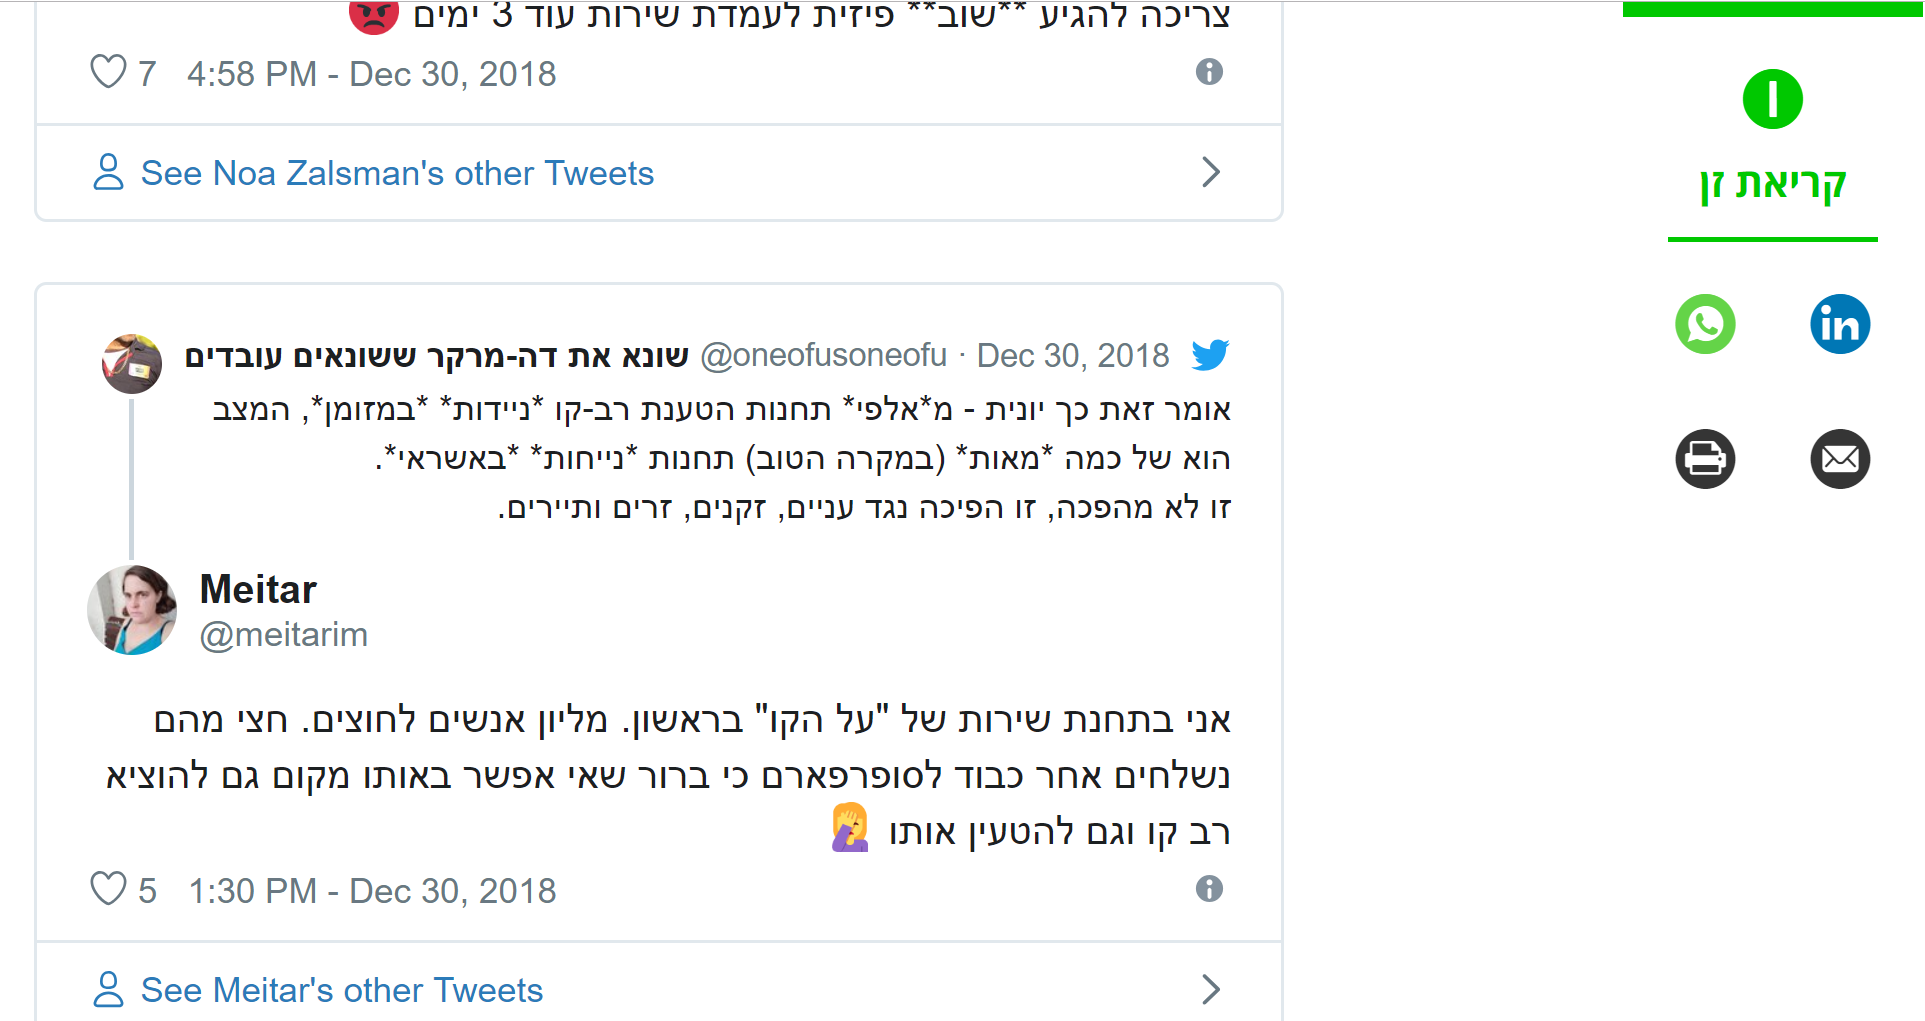 נקמת הטוויטריסט @oneofusoneofu בדה-מרקר